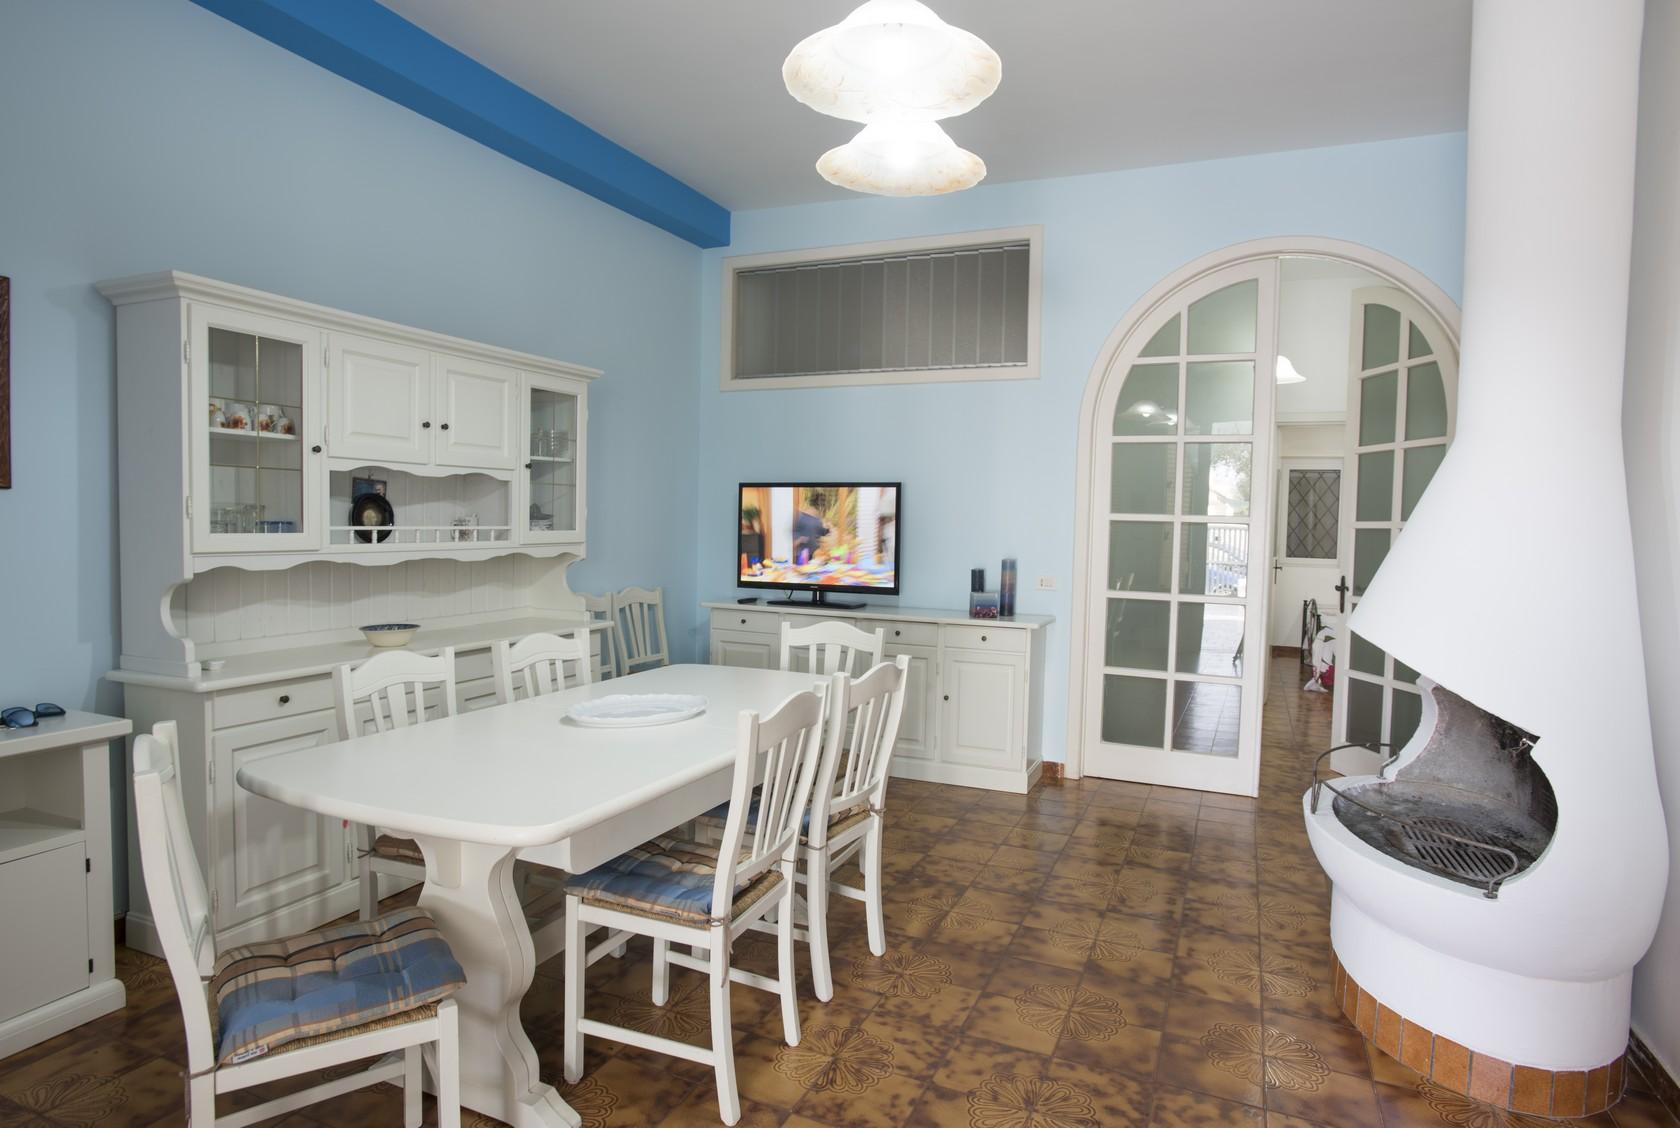 Ferienhaus Villa Desiderio, villa on the beach (2354061), Porto Cesareo, Lecce, Apulien, Italien, Bild 16